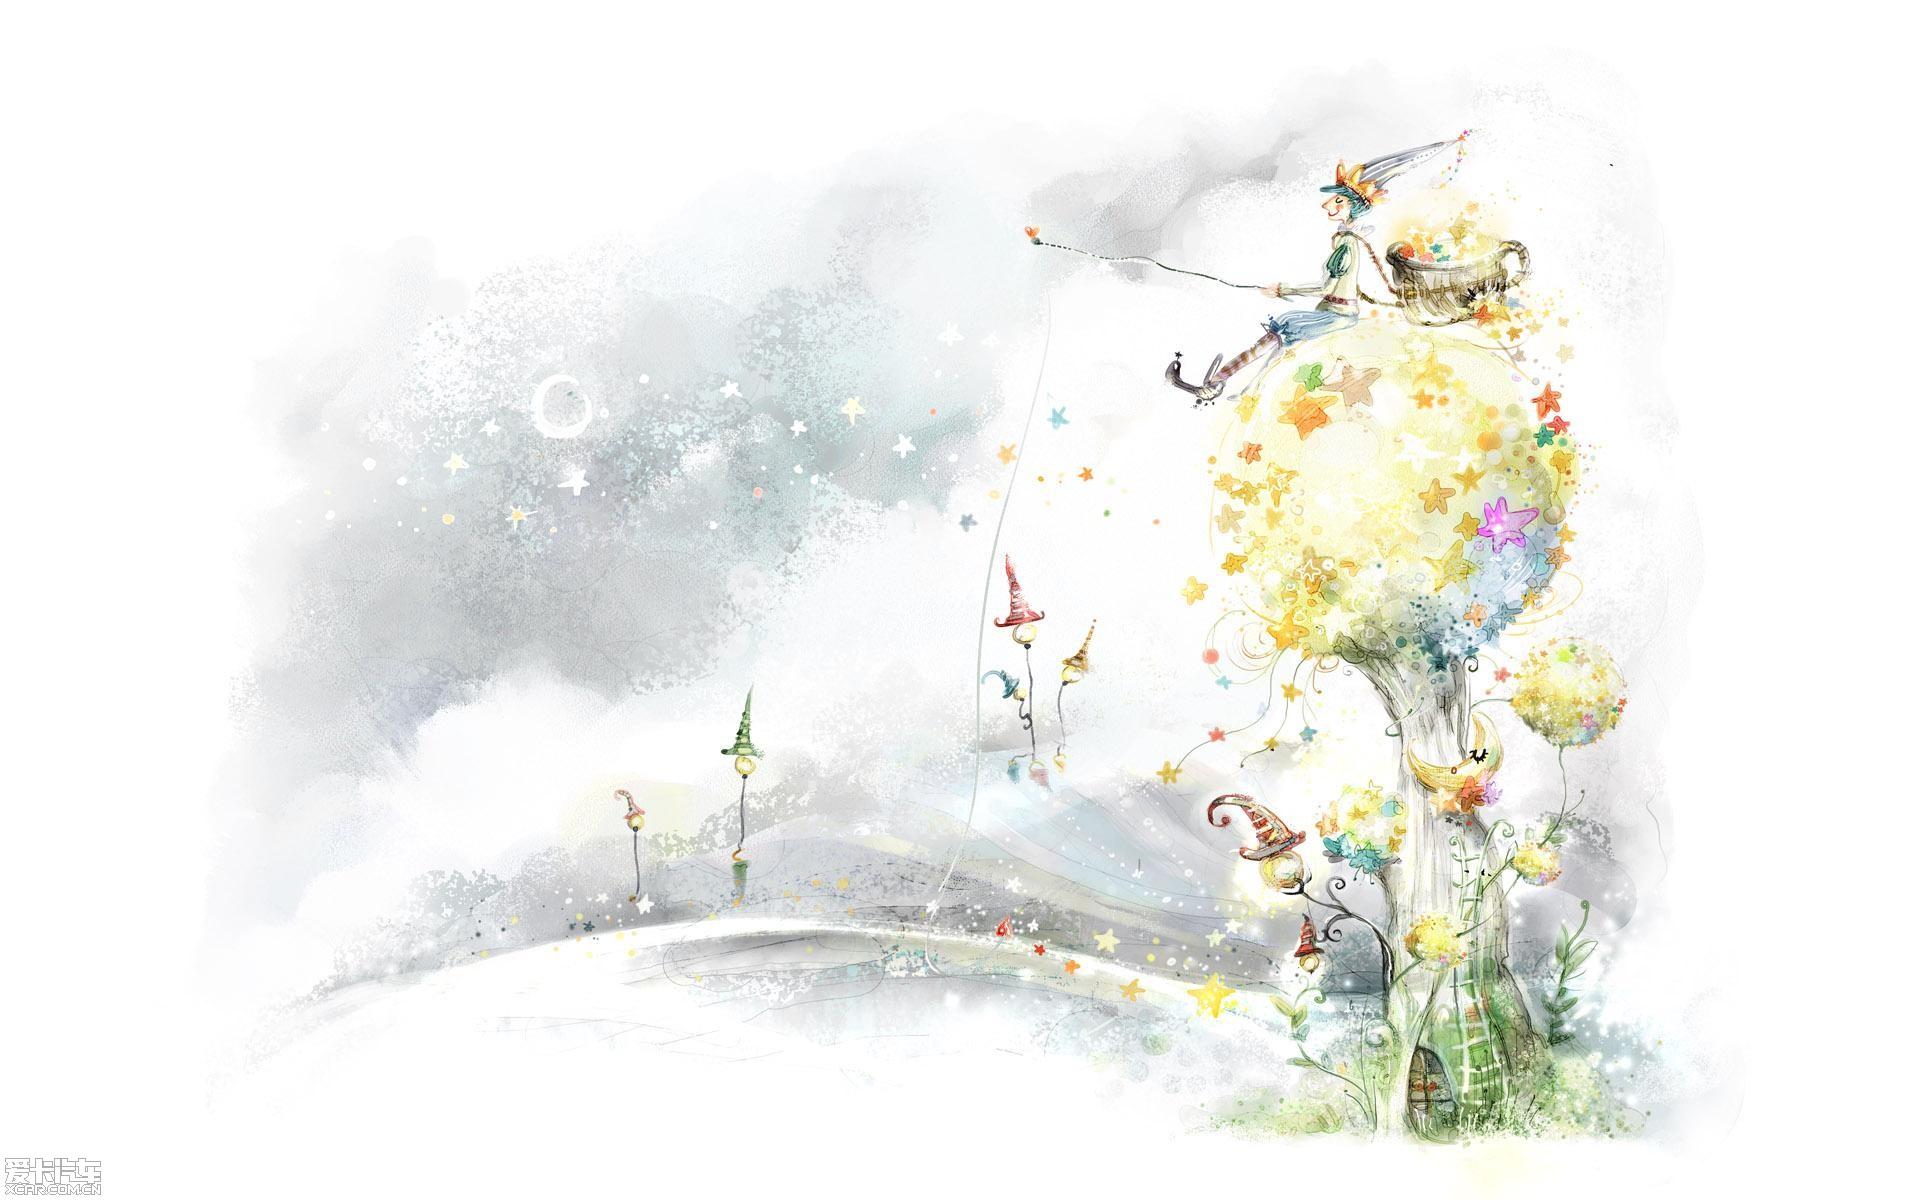 【精华】可爱的简笔插图-梦里的风景~~~